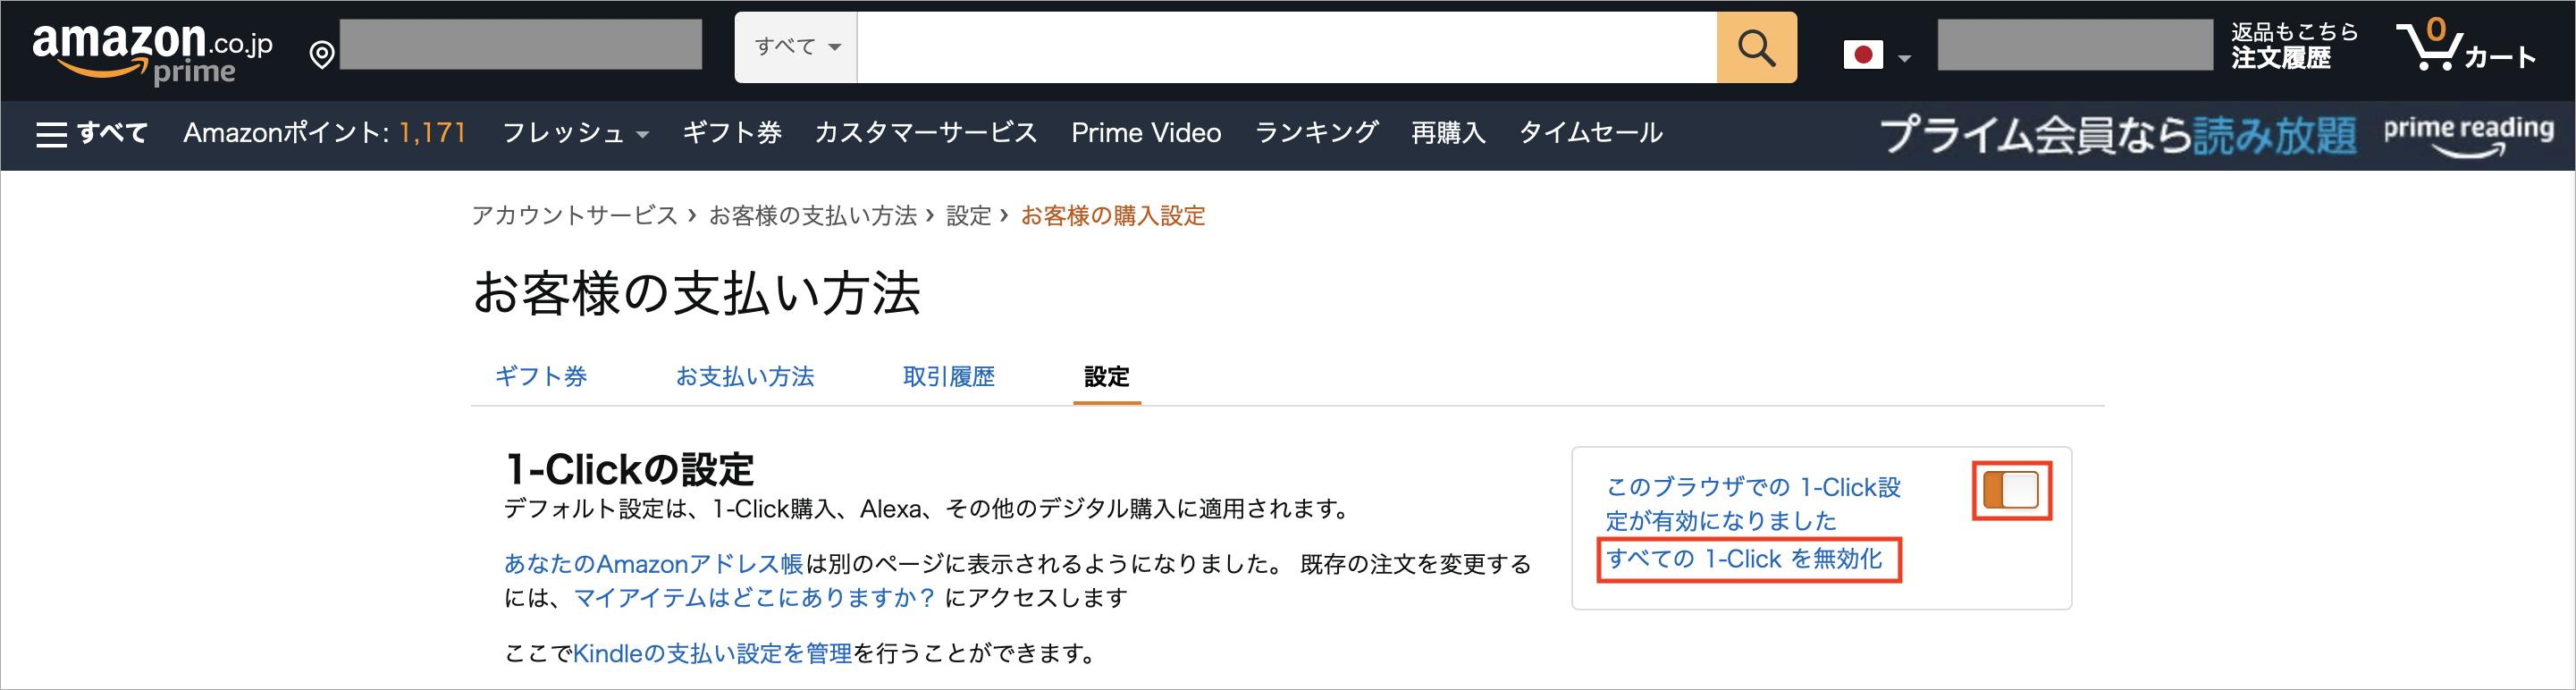 解除 amazon ワン クリック Amazonの1